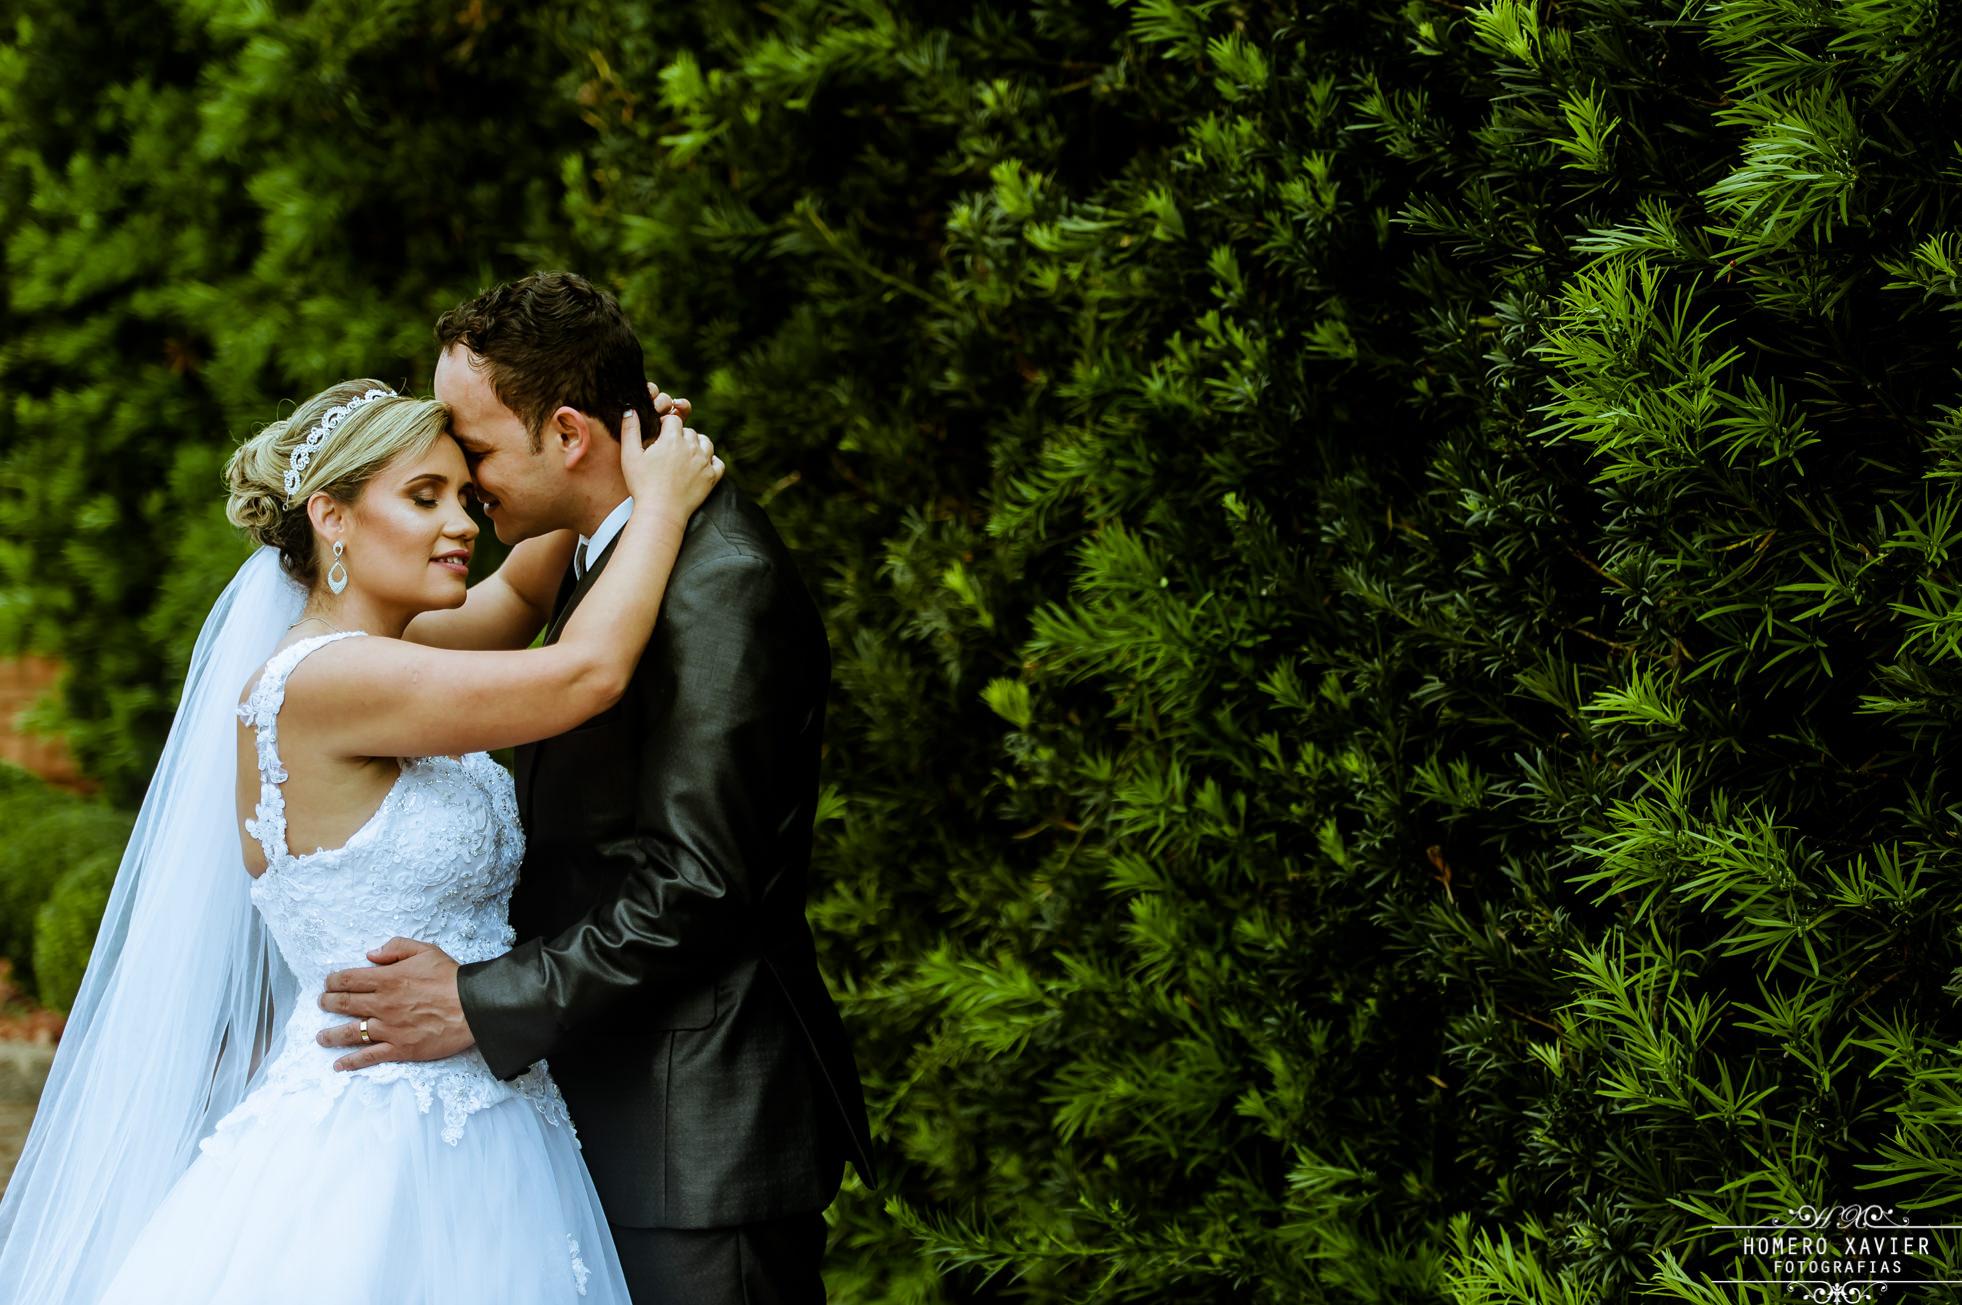 fotos externas pos casamento Espaco Shangrila